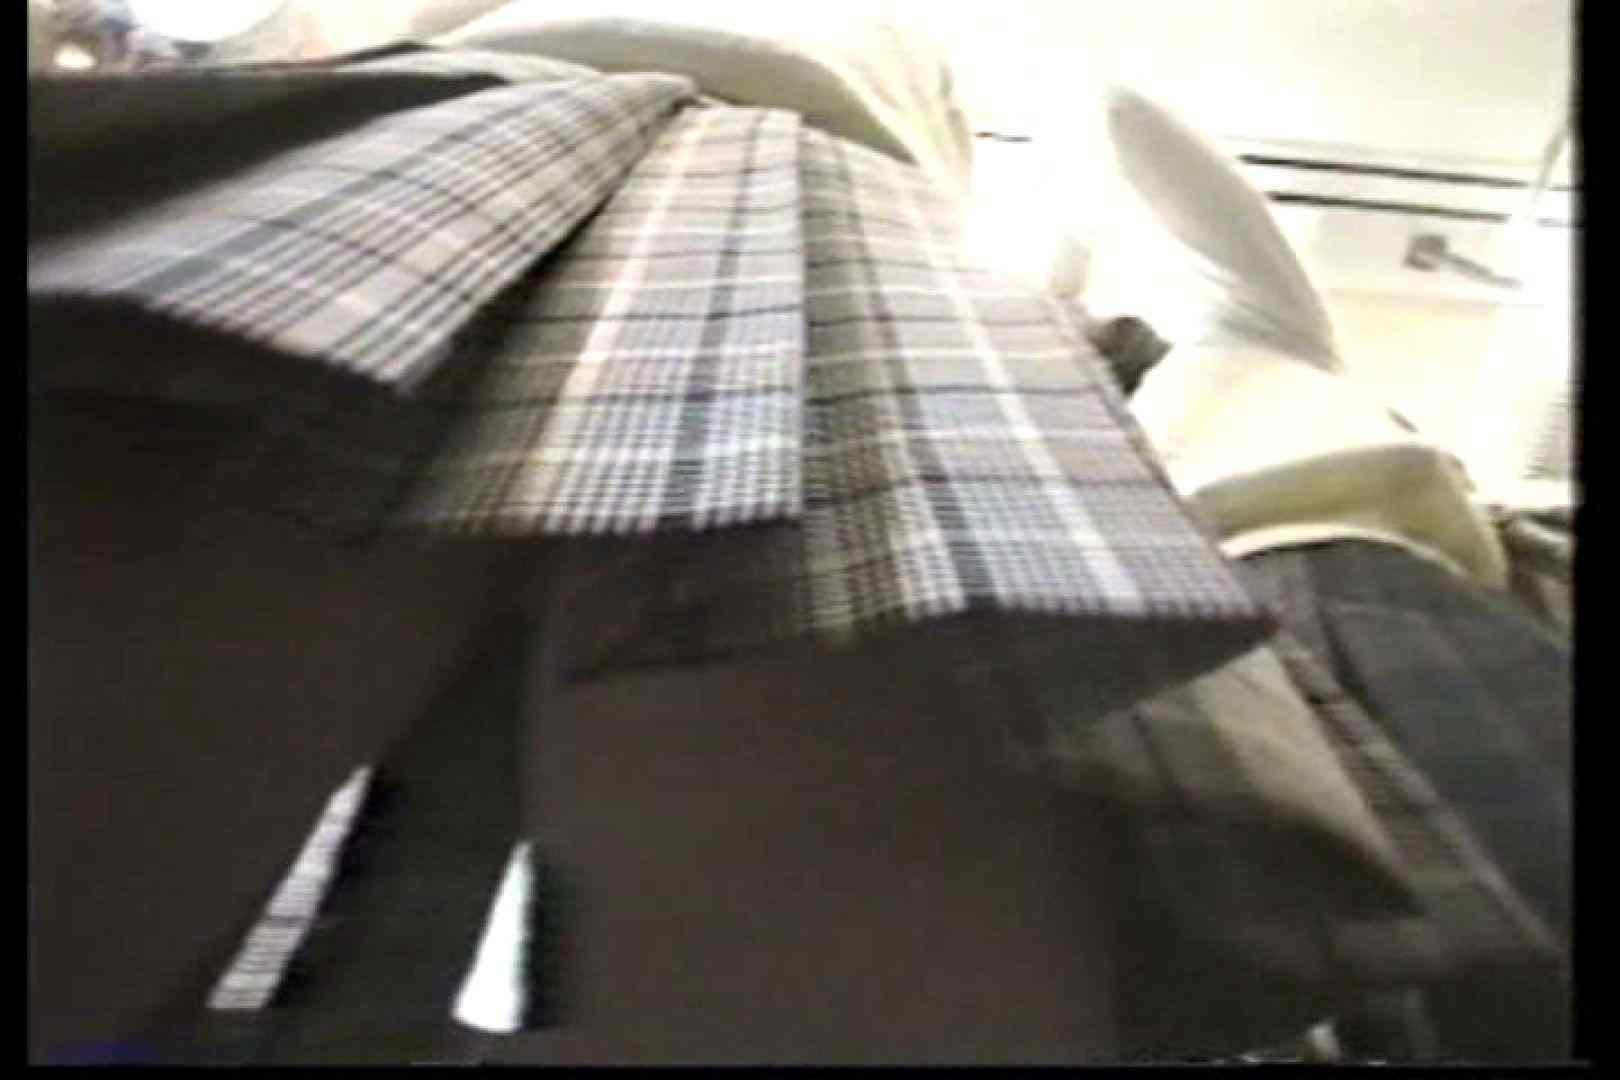 女子大生 夏服に替えれば下着も替わる モッコリを目で感触 TK-77 パンツ大放出  66pic 52